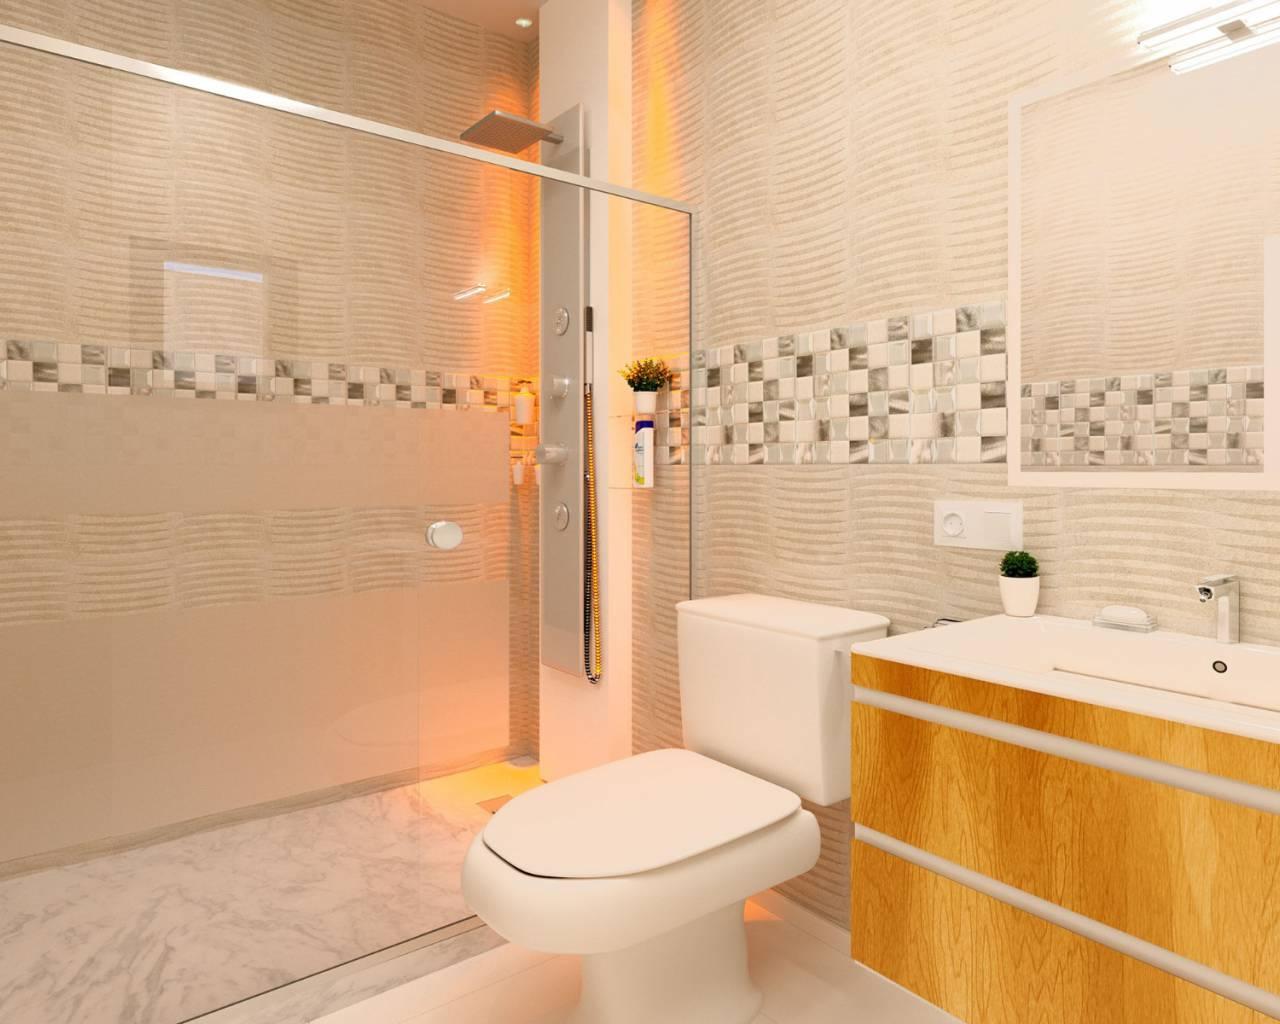 nieuwbouw-appartement-torrevieja-playa-del-cura_2504_xl